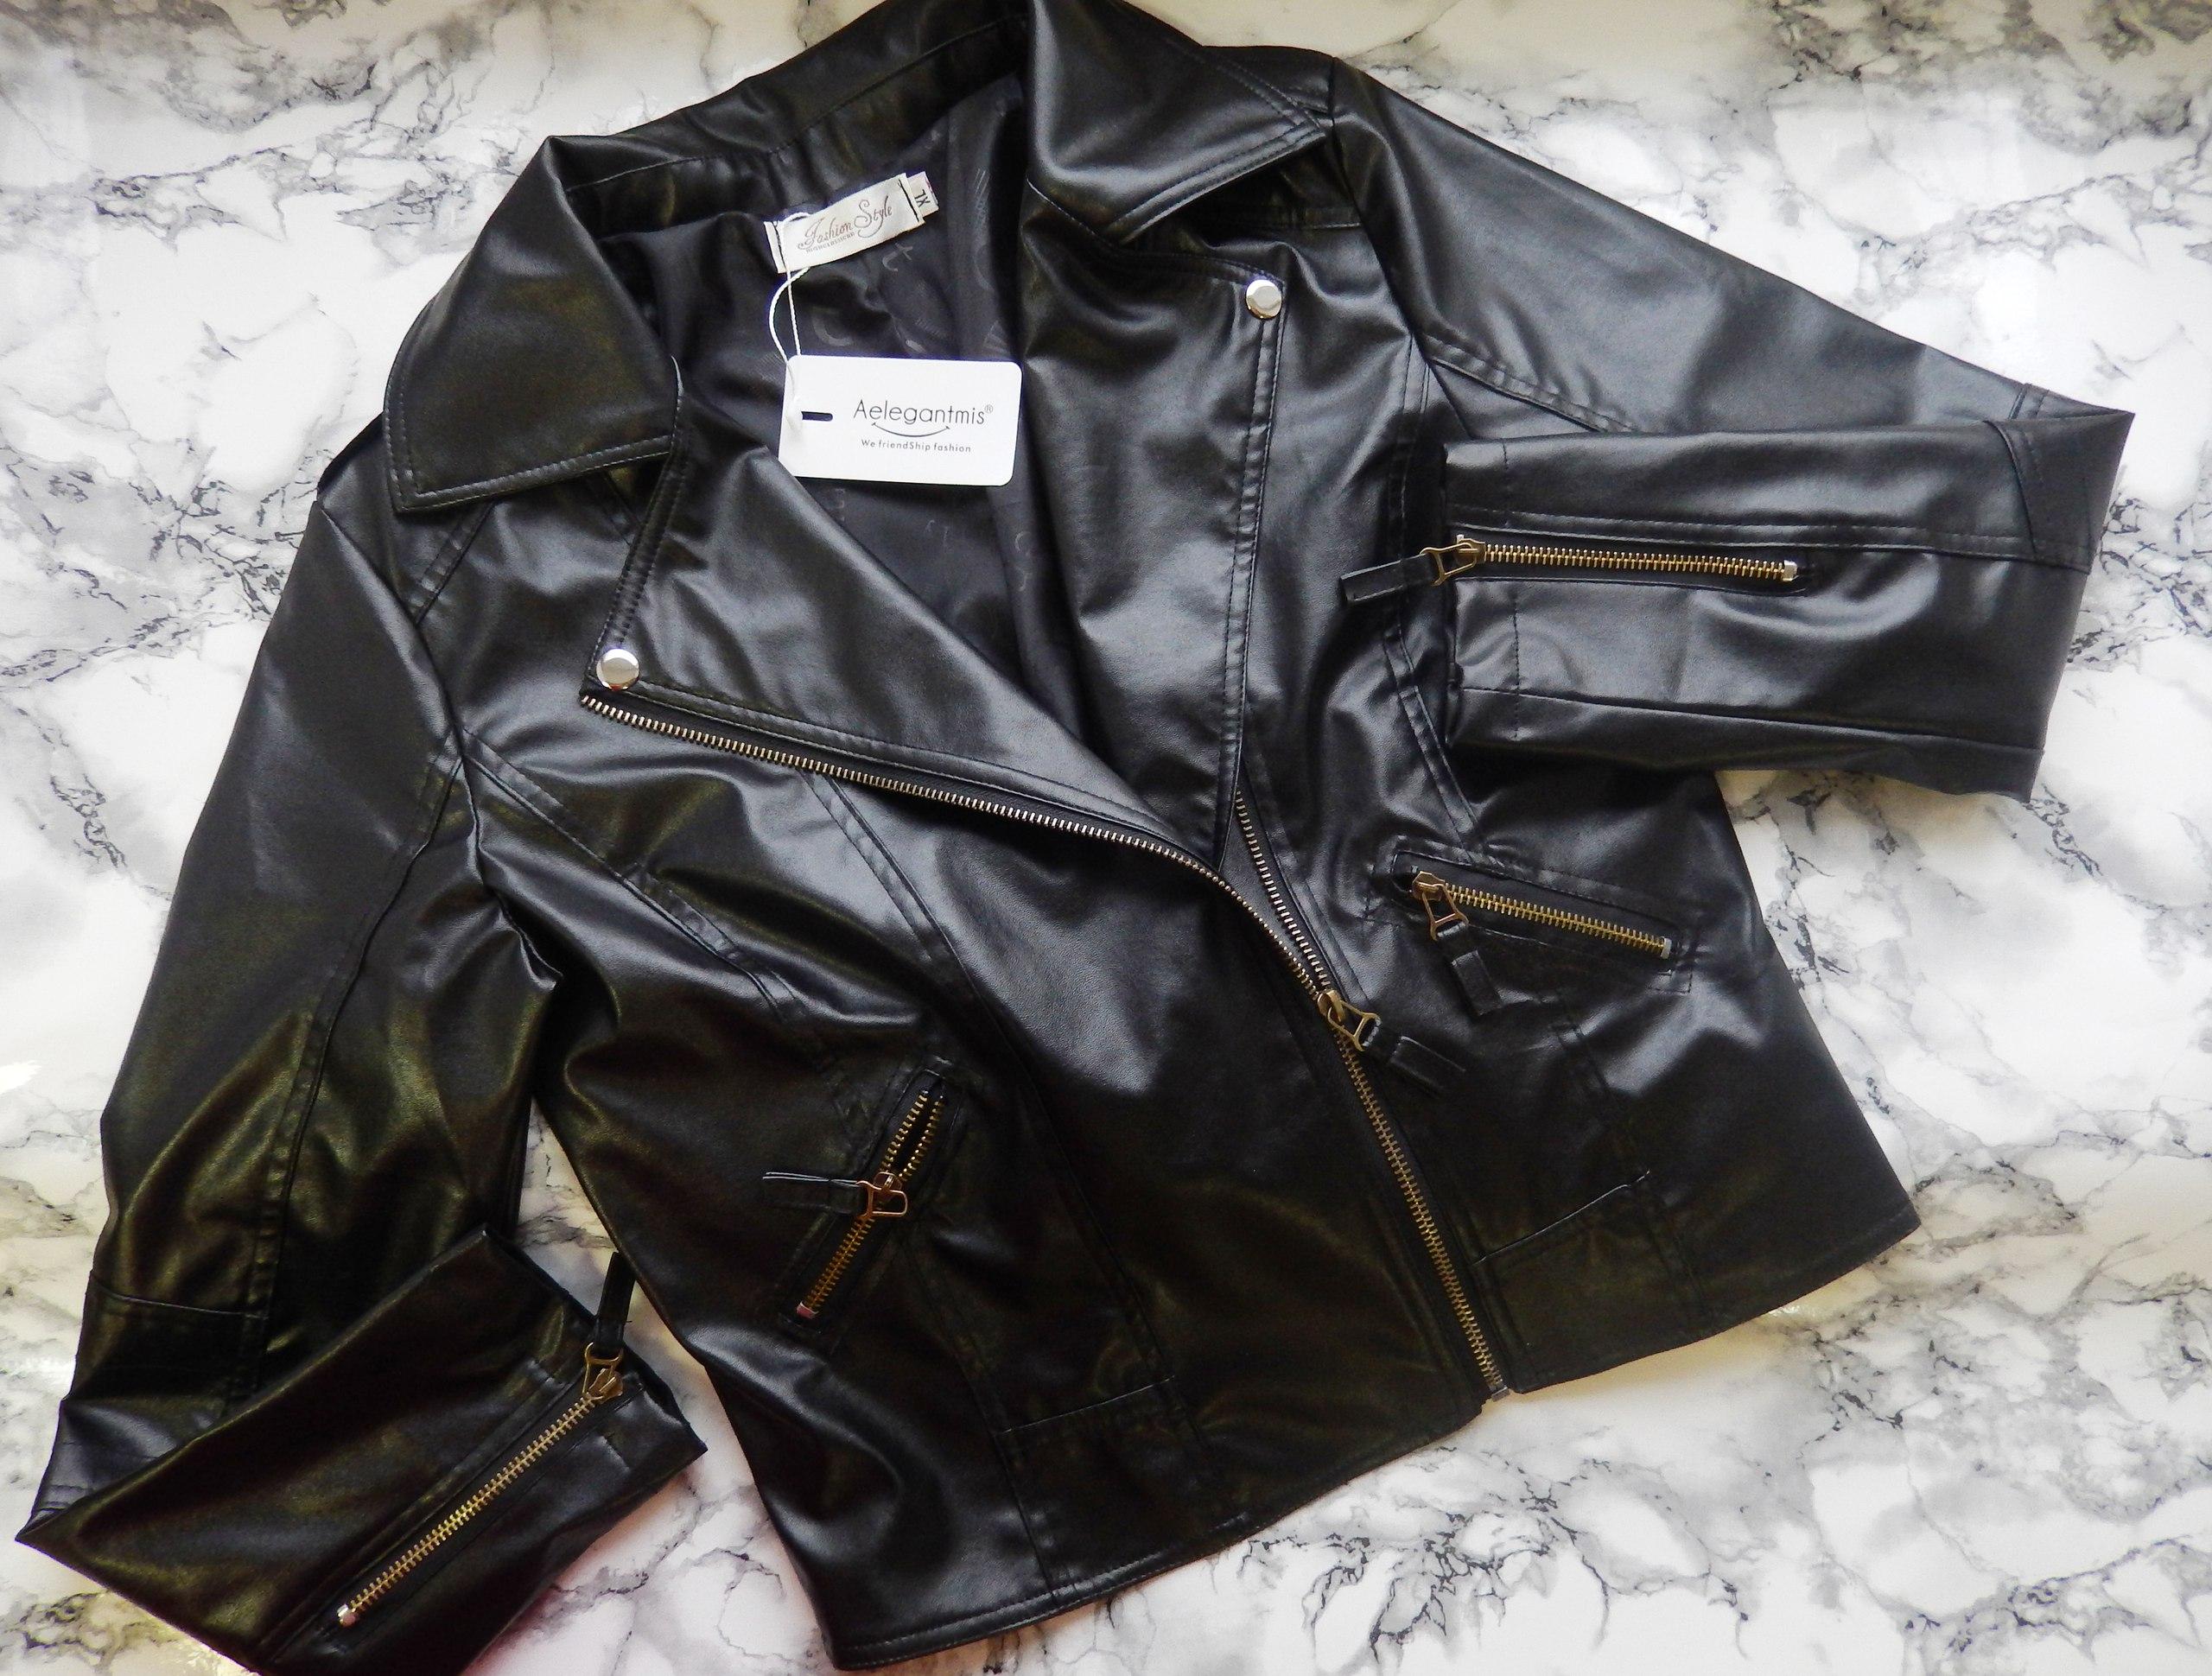 Обзор на очень бюджетную куртку косуху от Aelegantmis за 1 09617 руб фасон которой был и остается очень популярным и вр